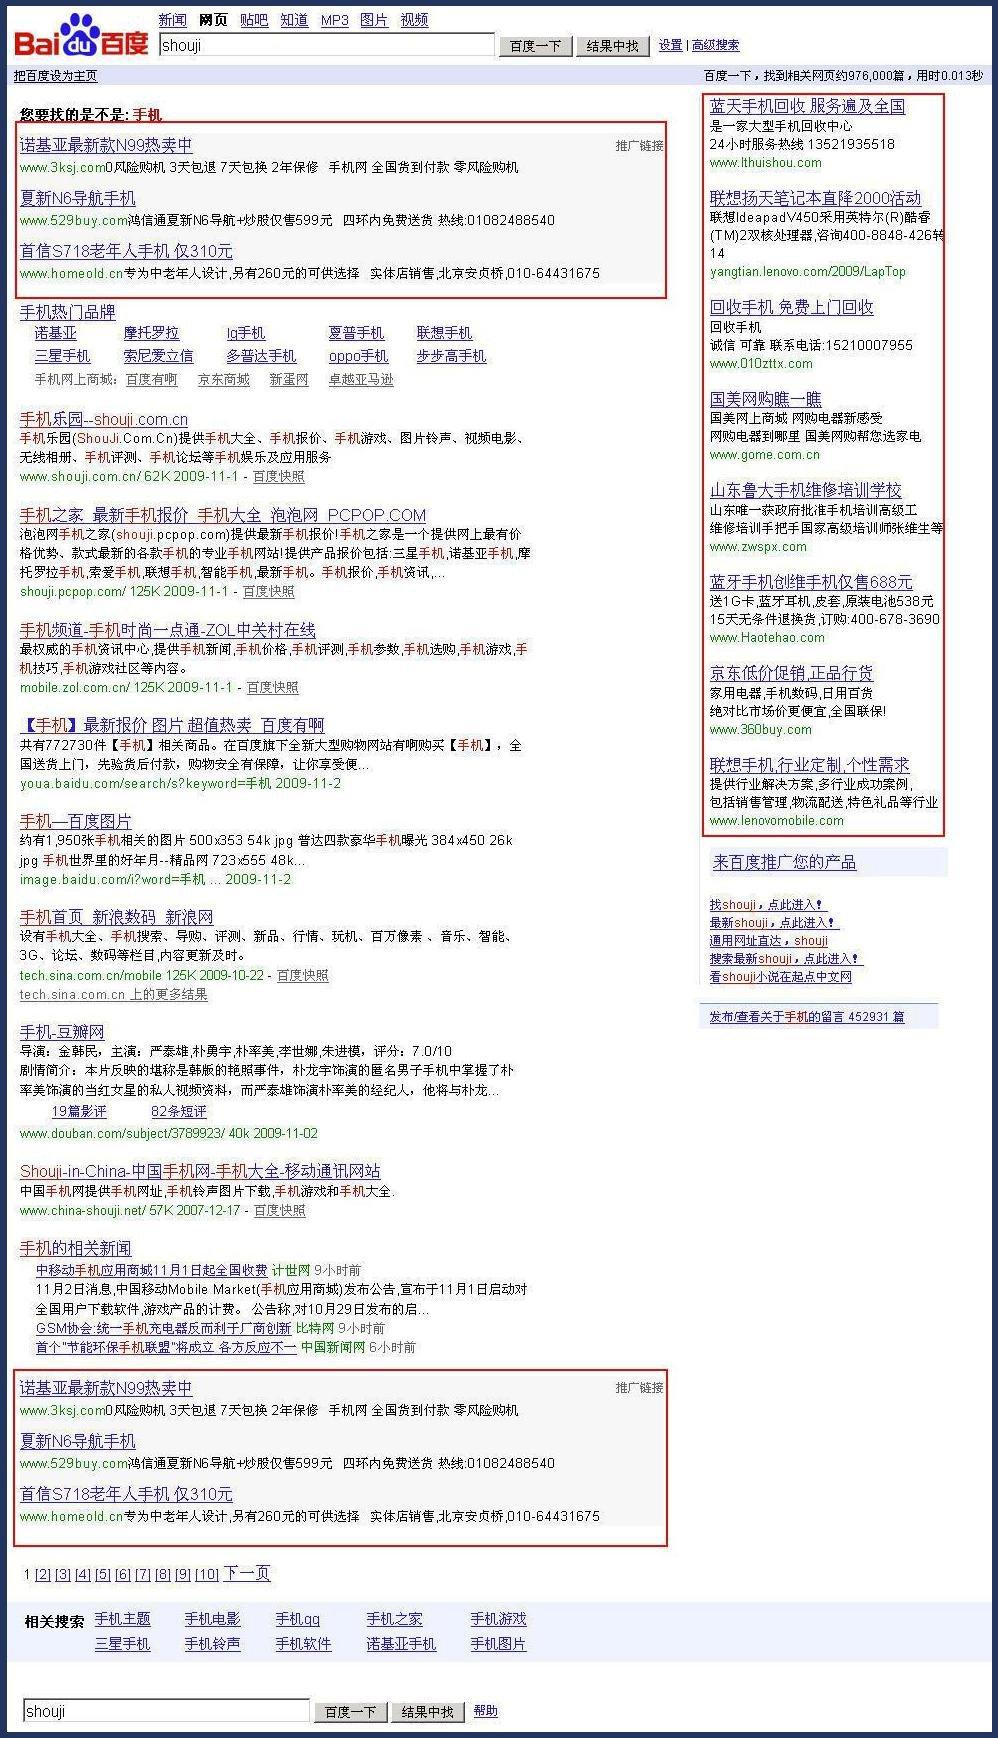 百度搜索推广展现形式